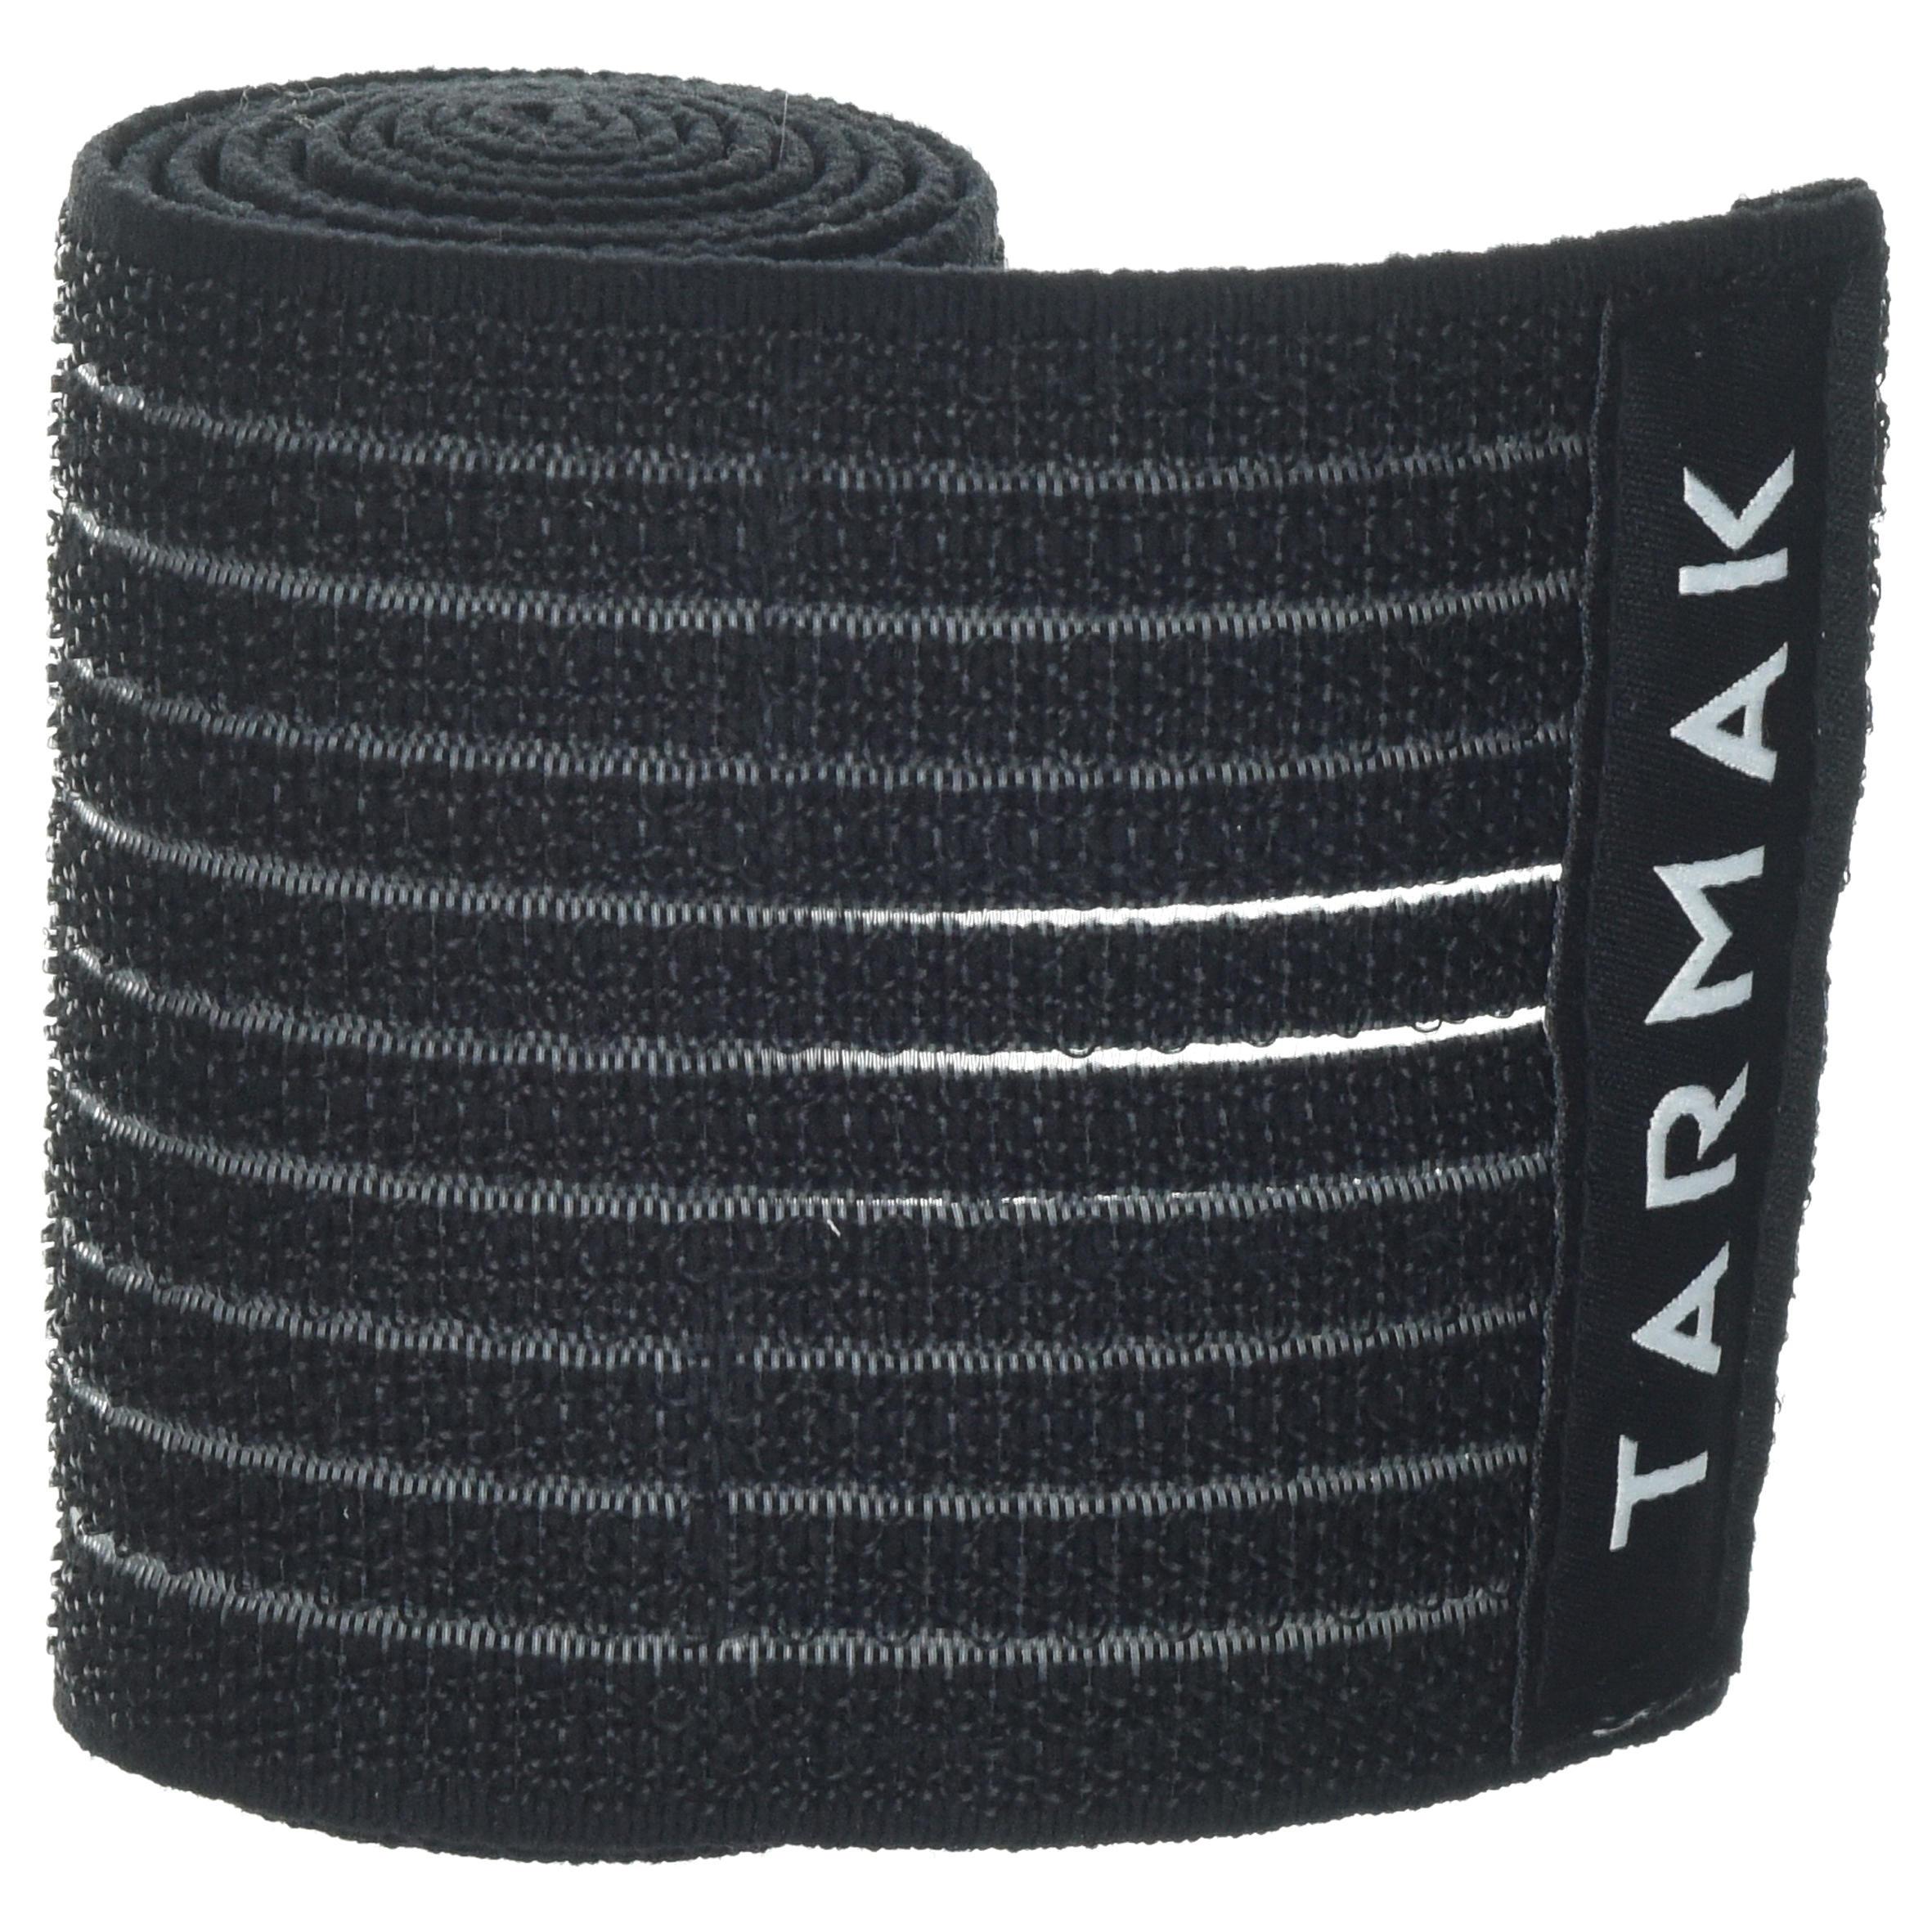 Bande ajustable réutilisable 8 cm x 1,2 m noire